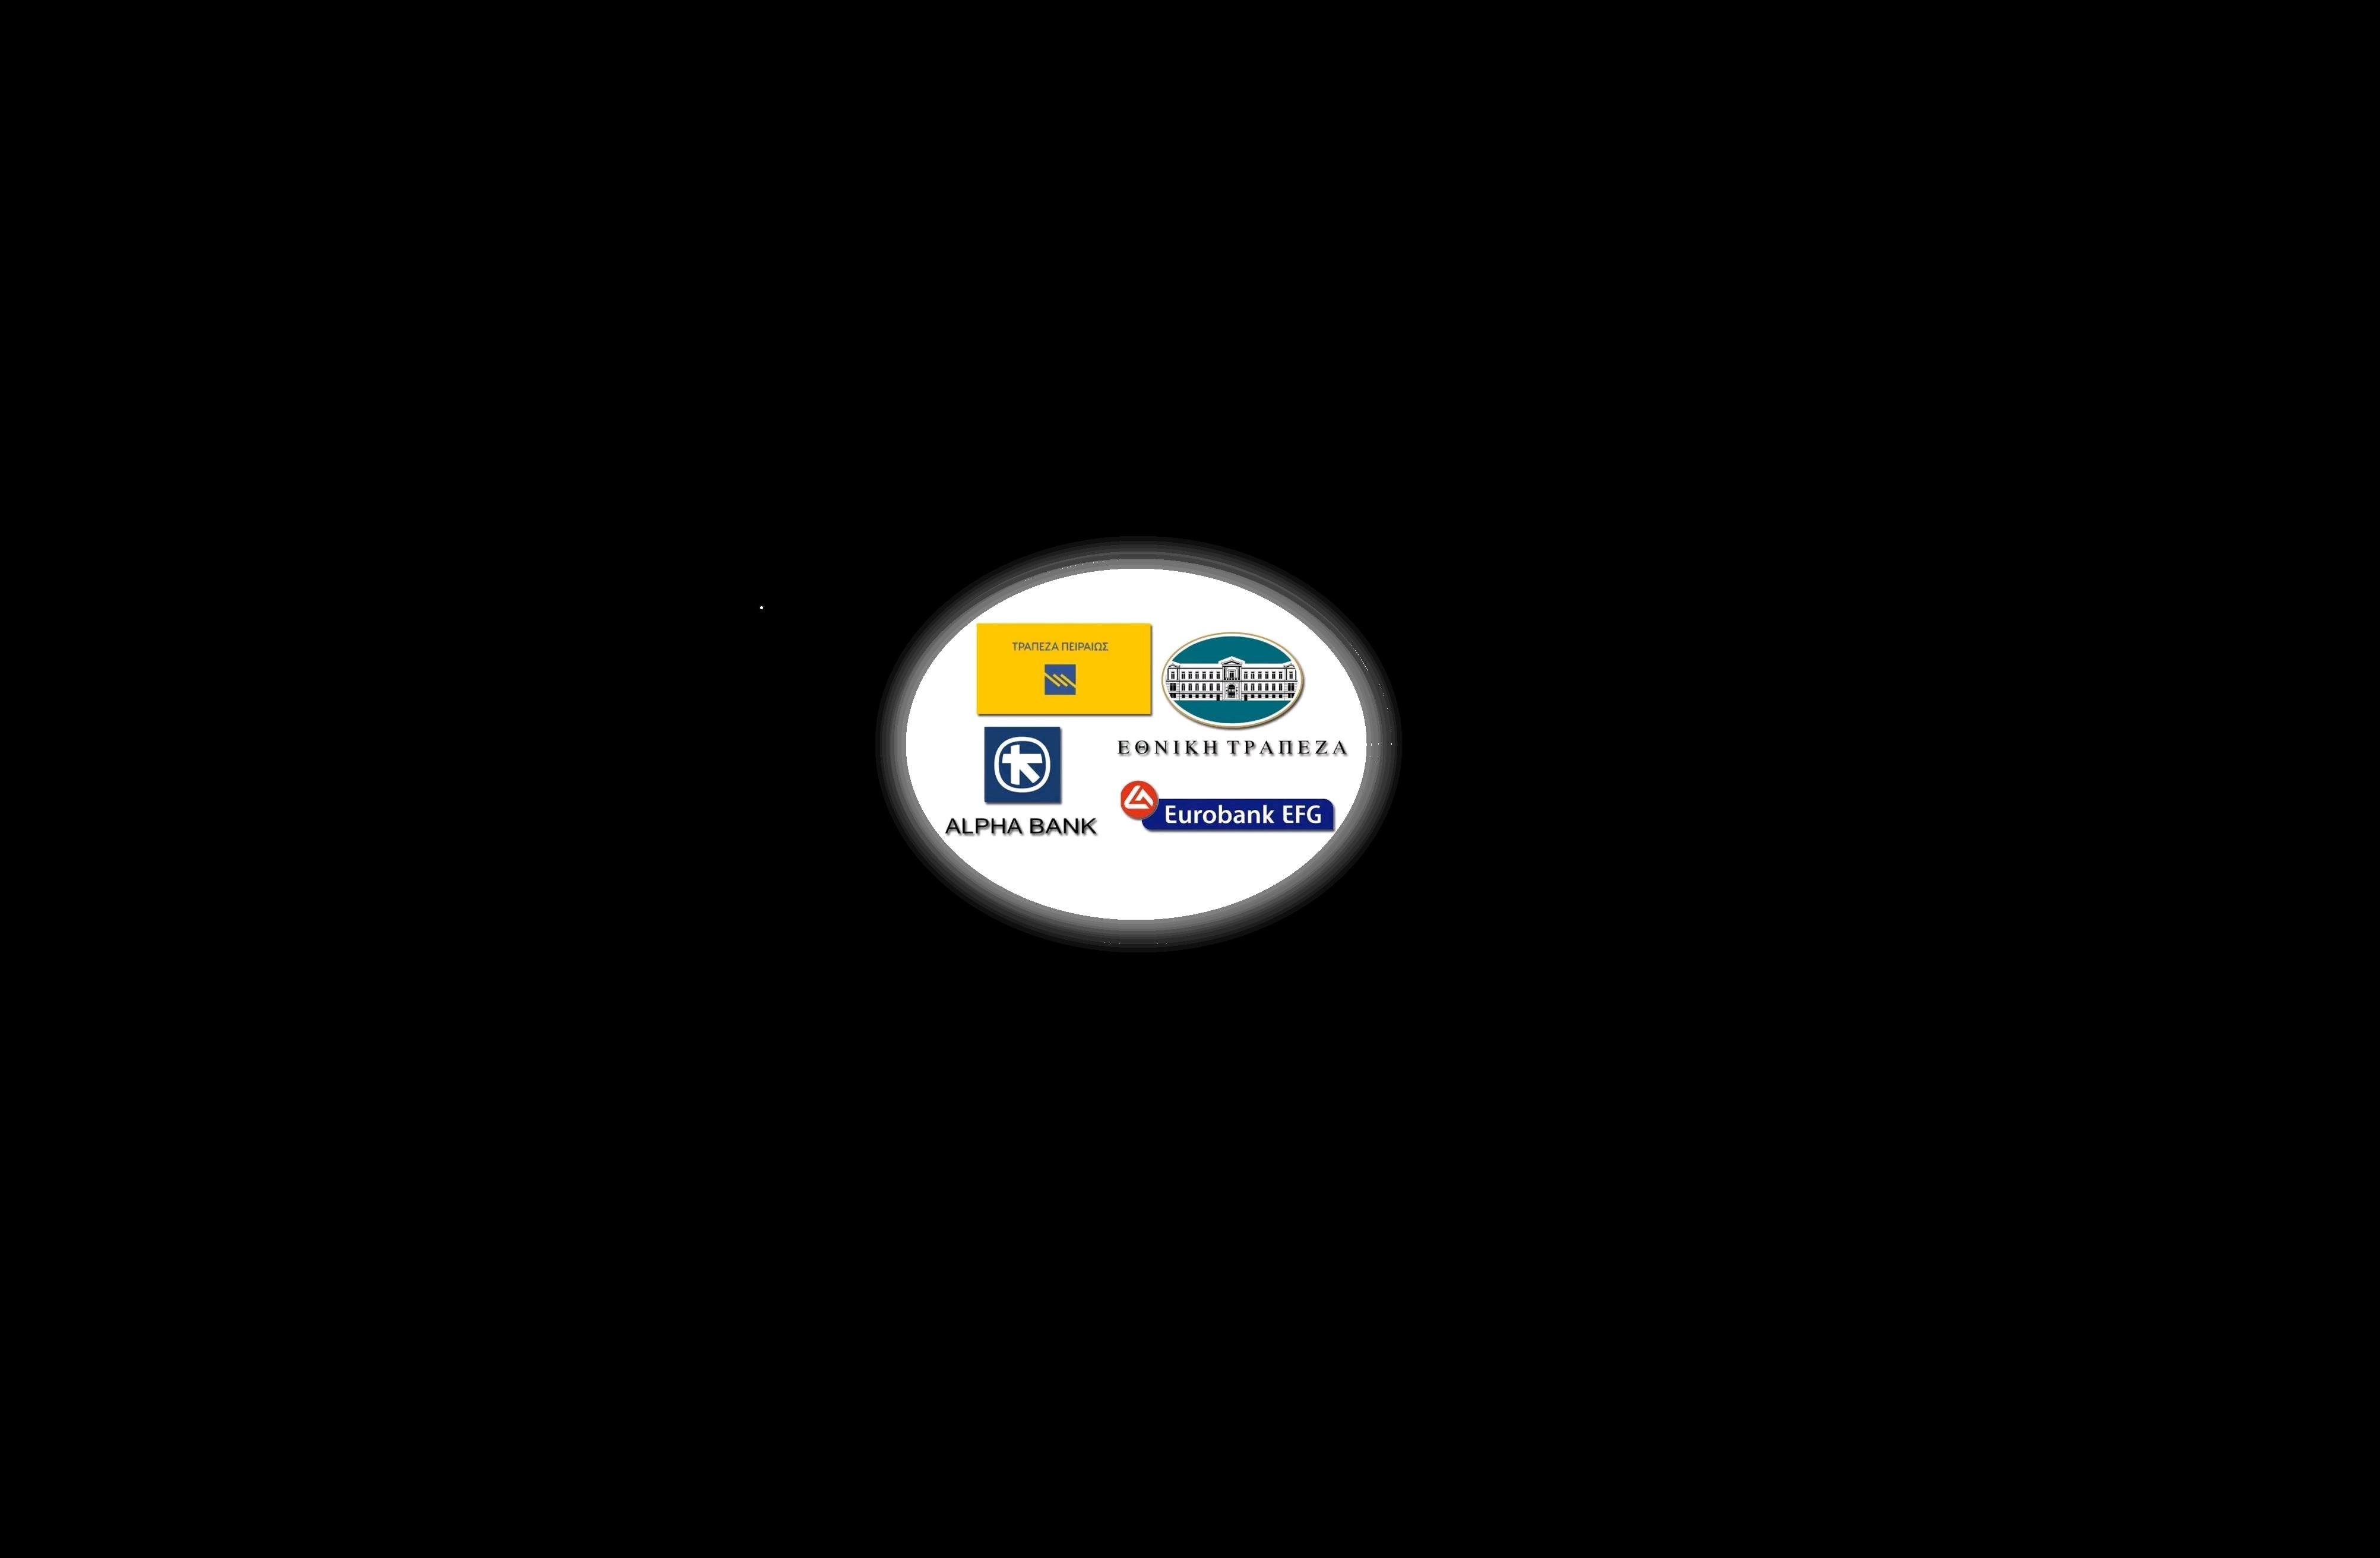 Το απώτερο Μαύρο Μέλλον των ελληνικών τραπεζών